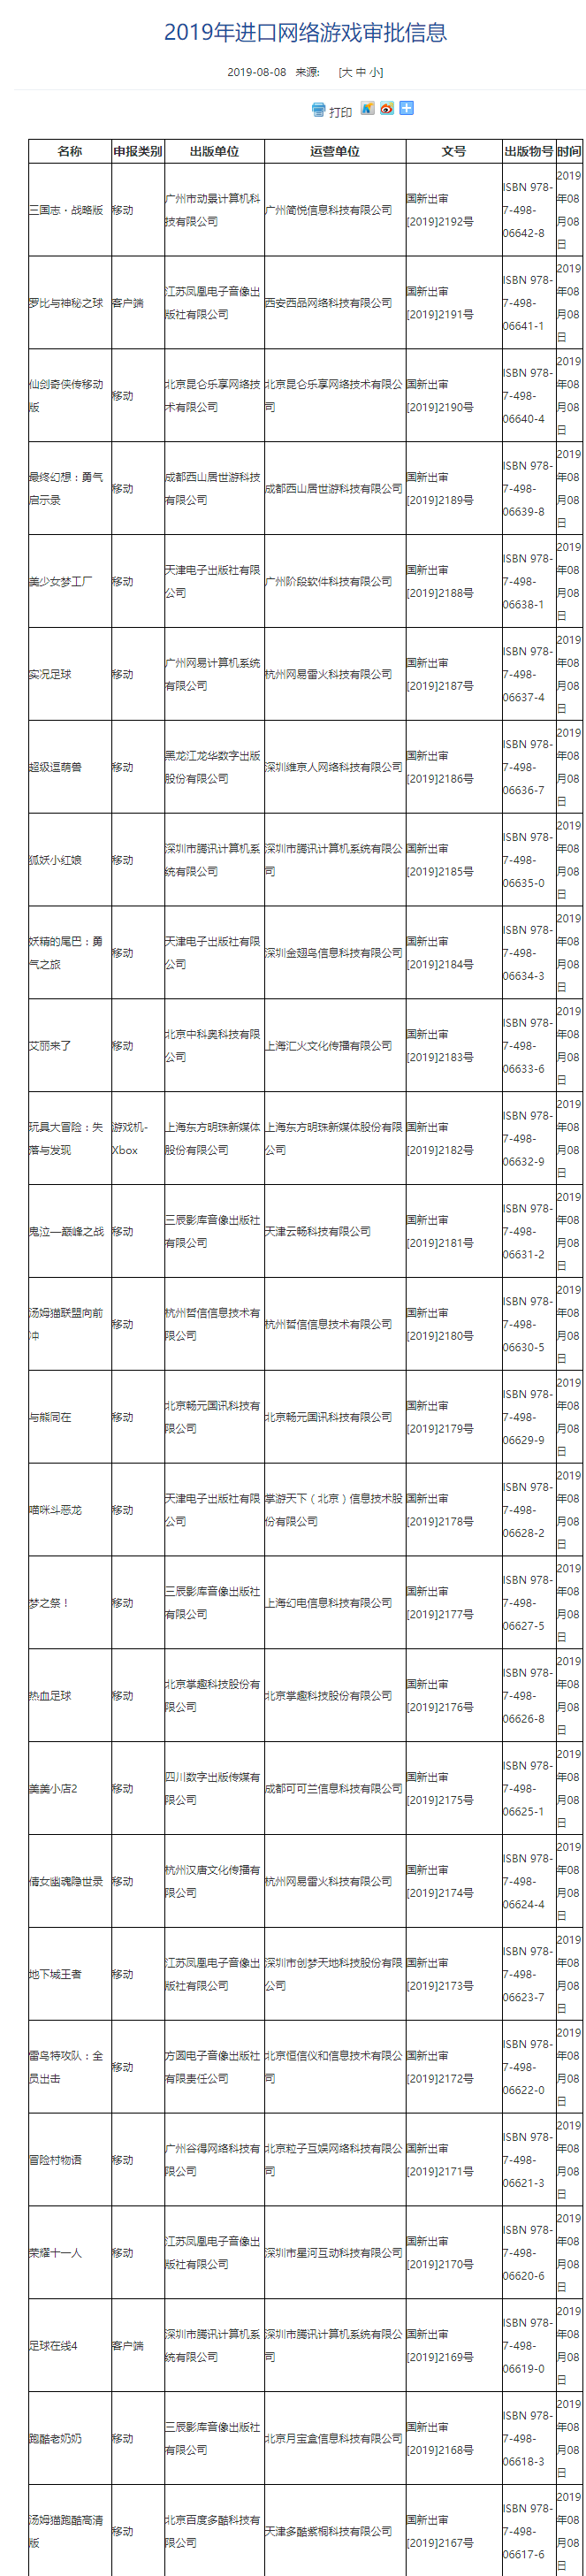 广电8月首批过审游戏版号公布!网易腾讯均在列